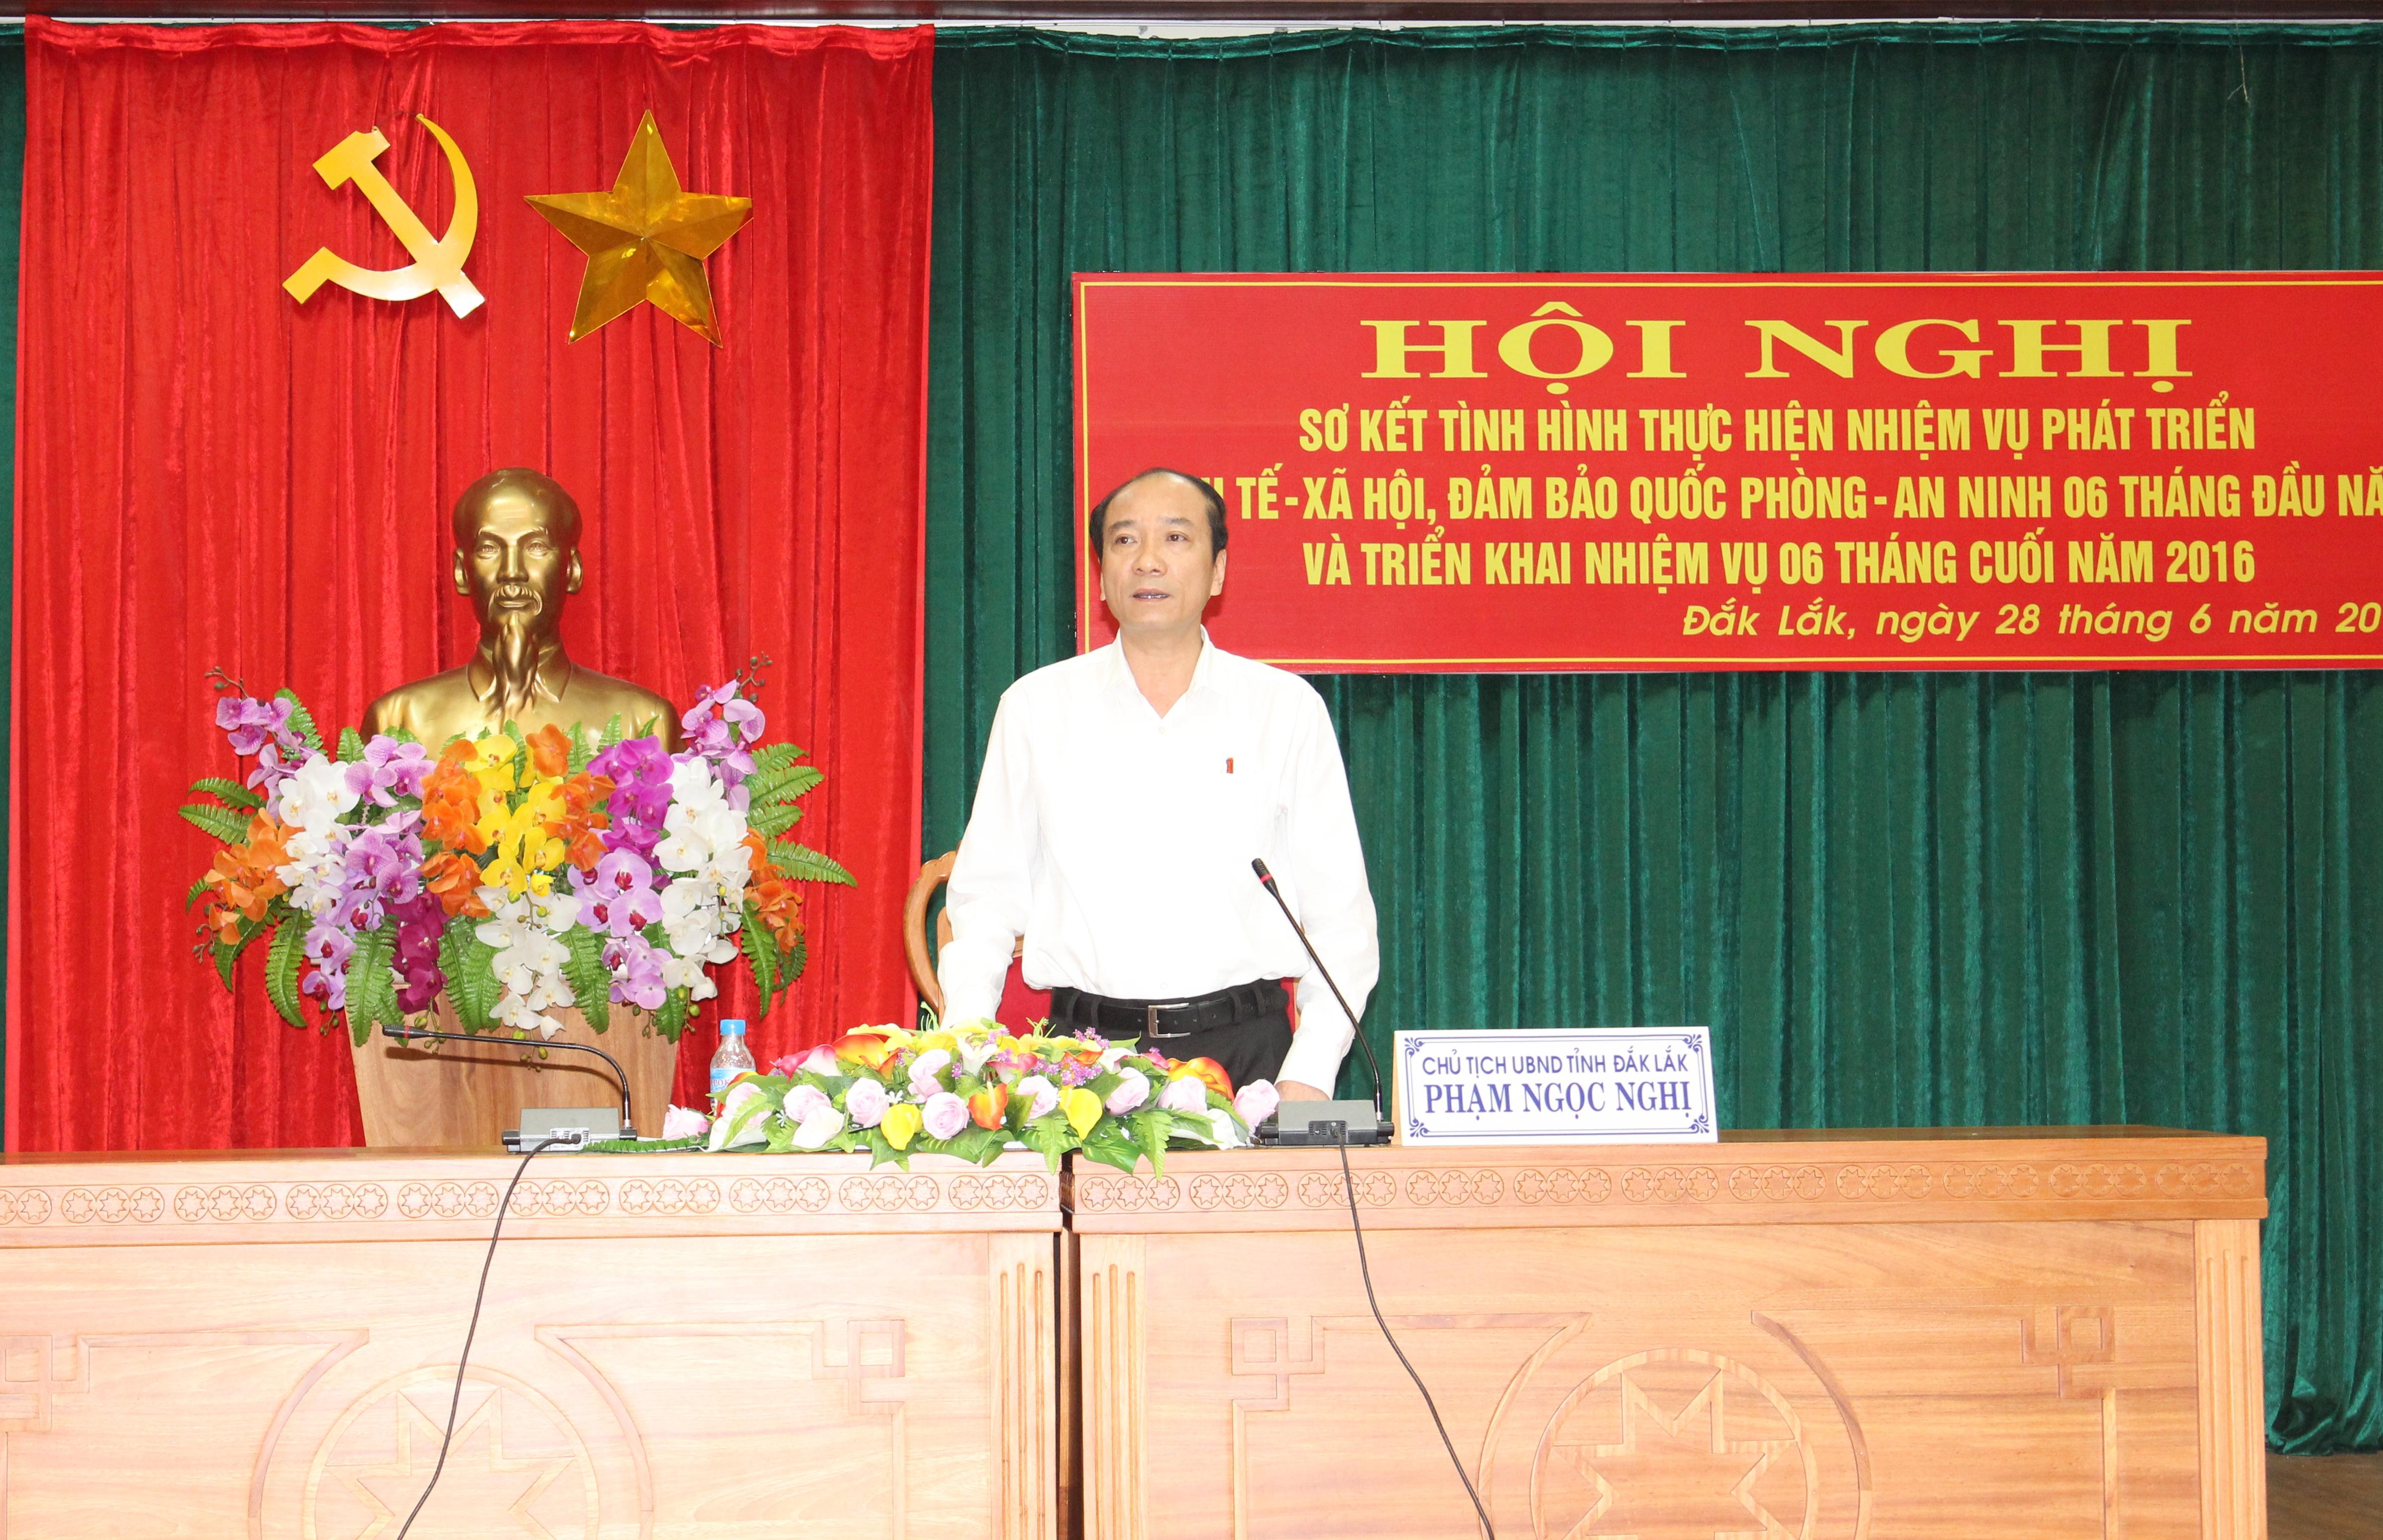 UBND tỉnh Đắk Lắk triển khai nhiệm vụ 6 tháng cuối năm 2016